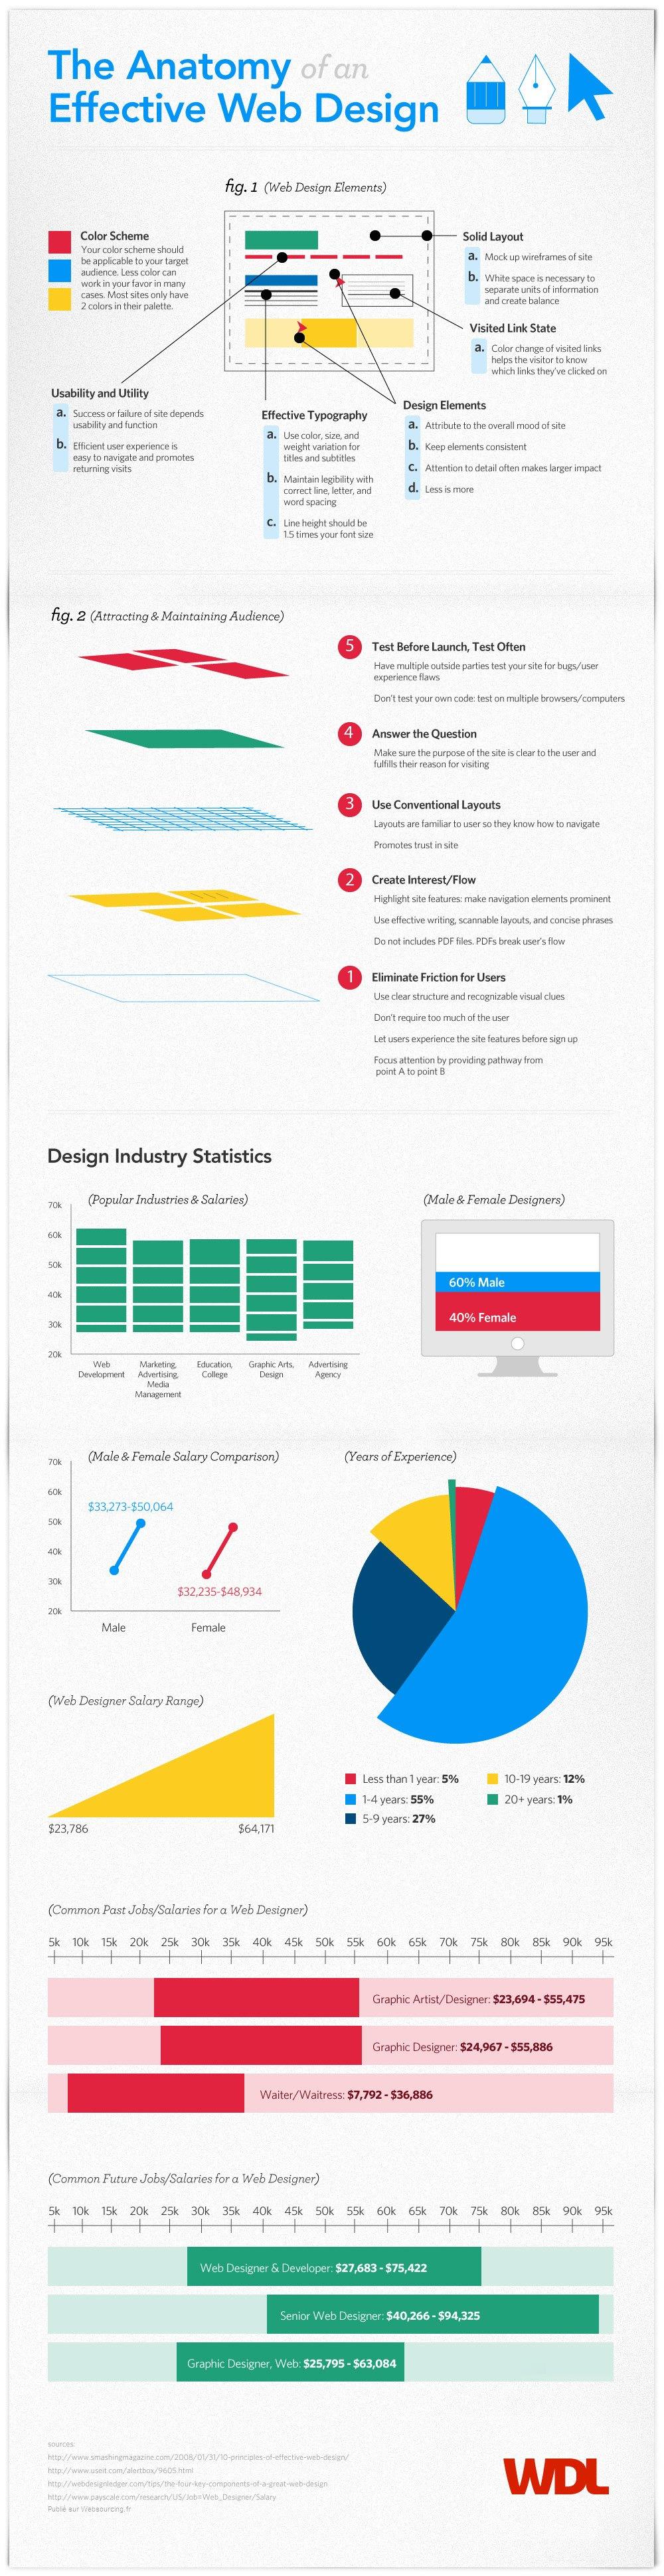 Tout savoir sur le design et les webdesigners